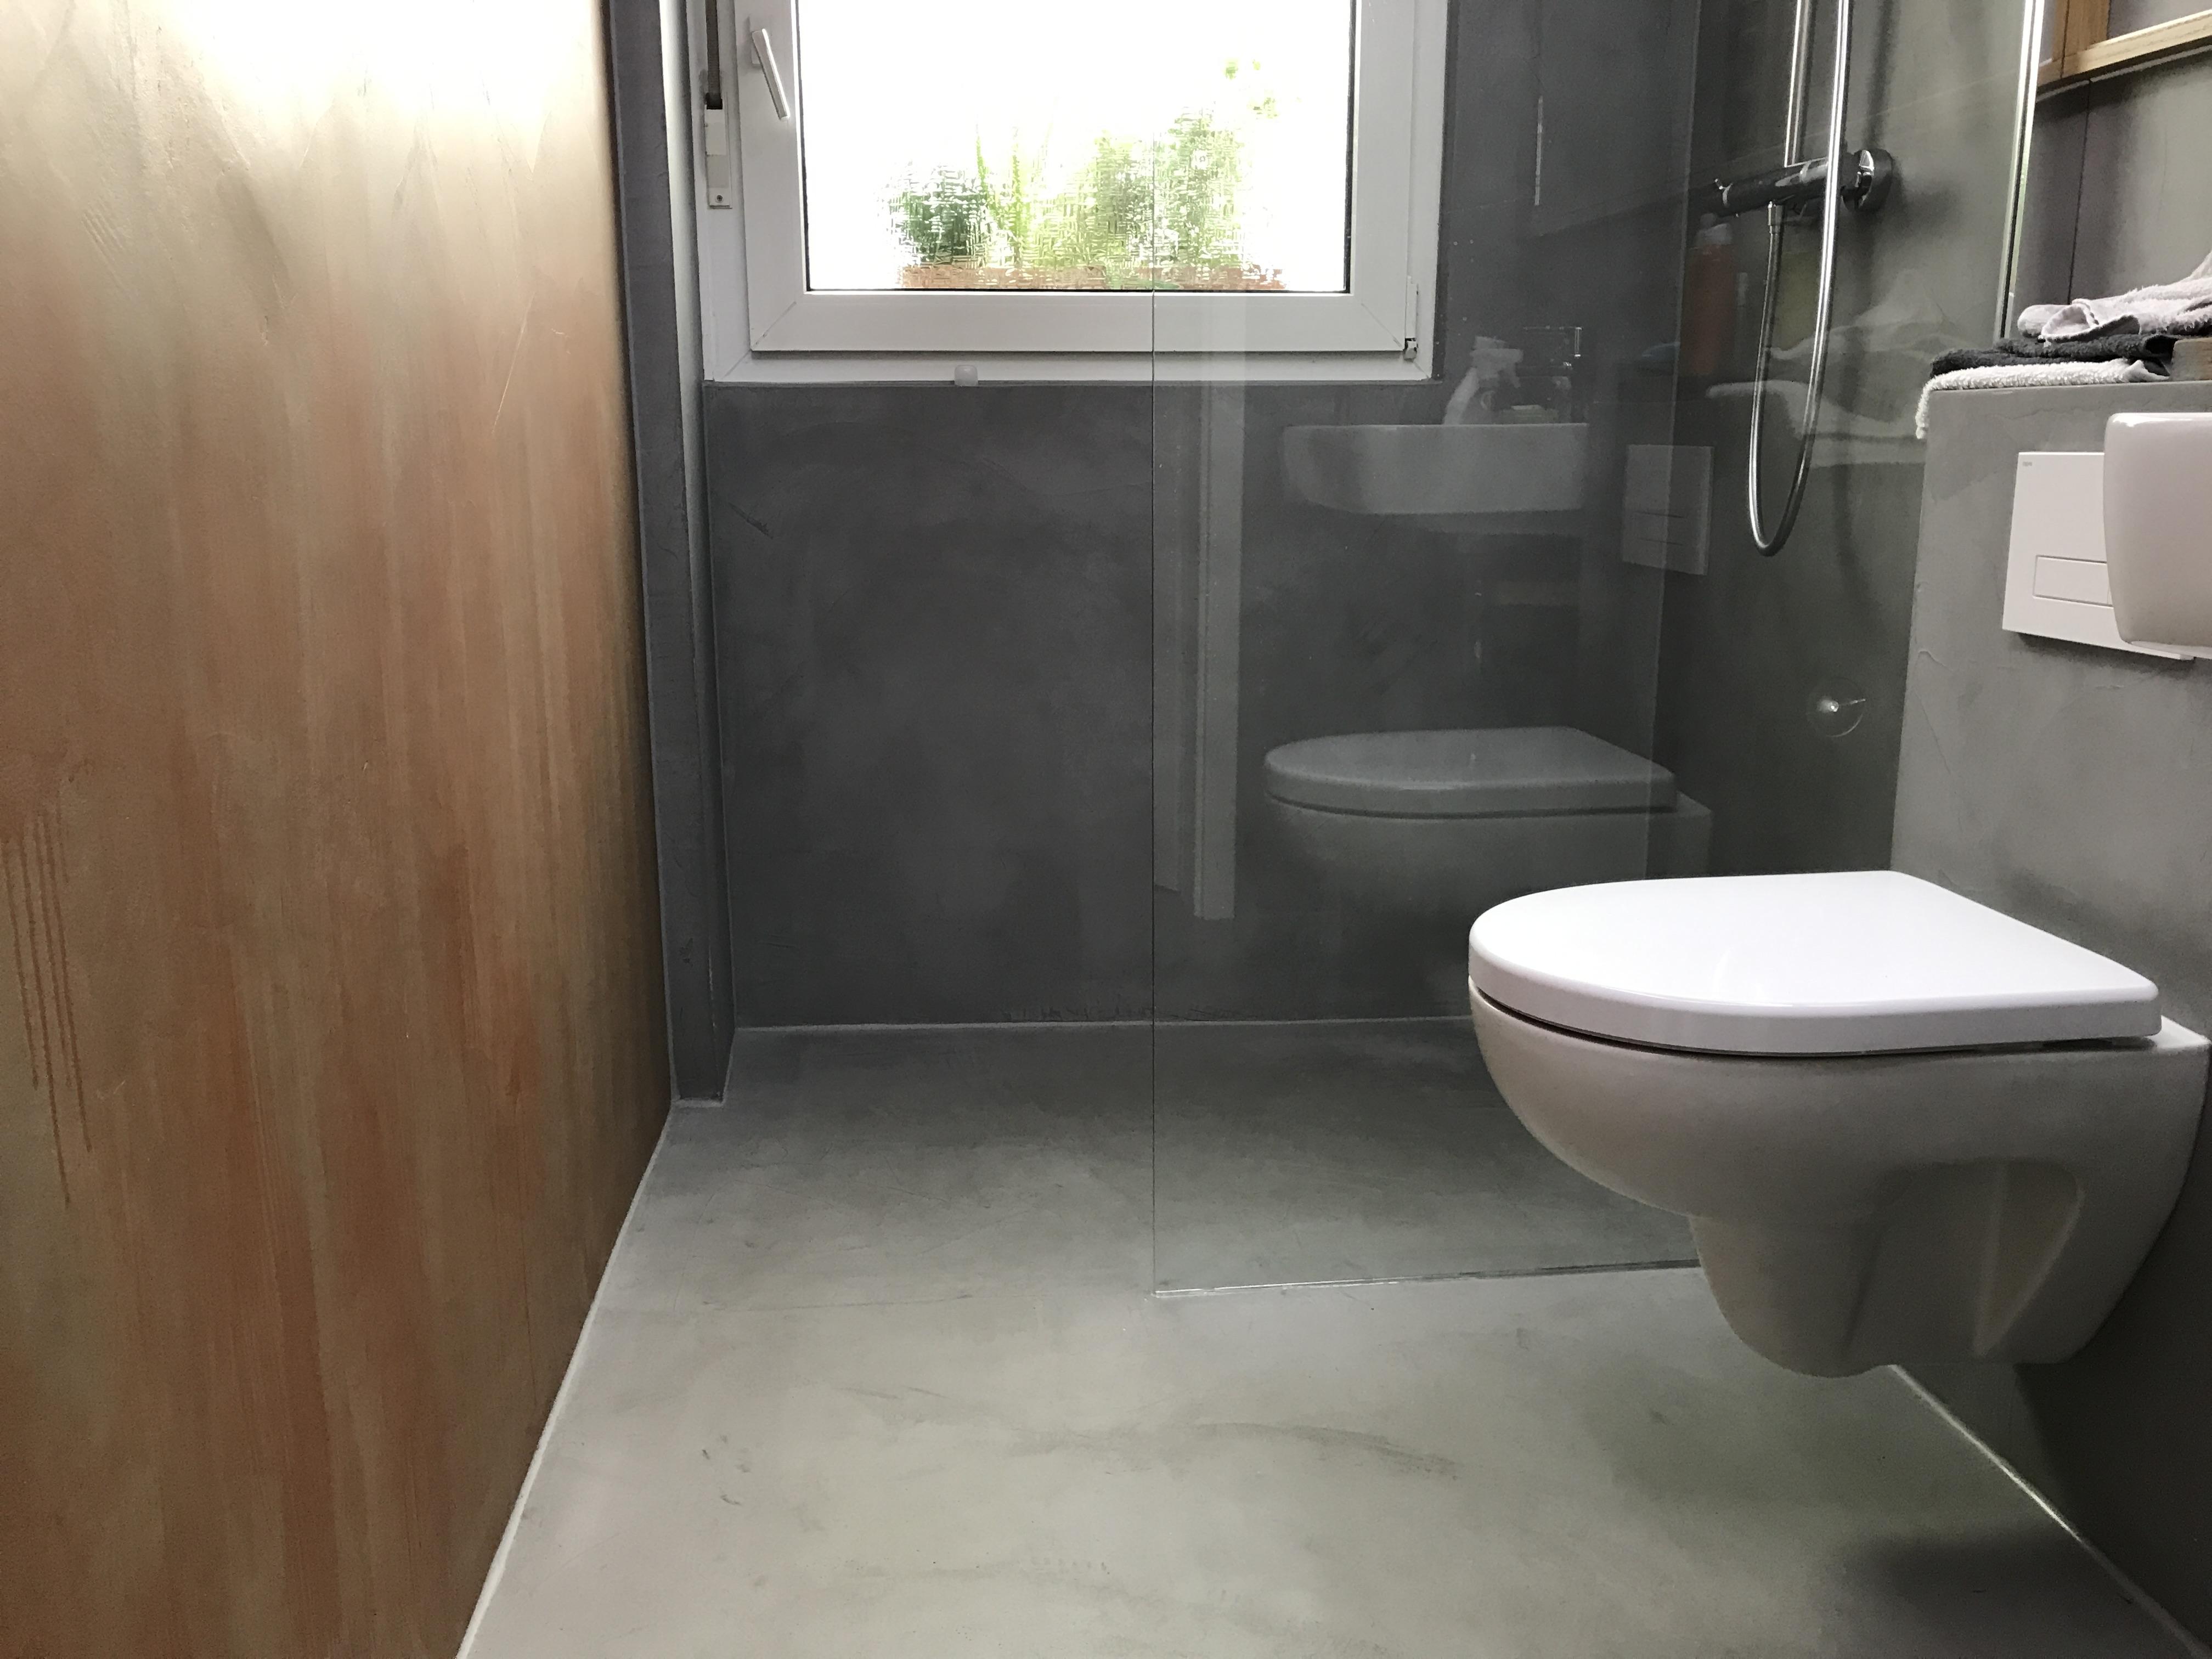 Betonlook Badezimmer mit Eyecatcher  Maler Trynoga aus Wuppertal